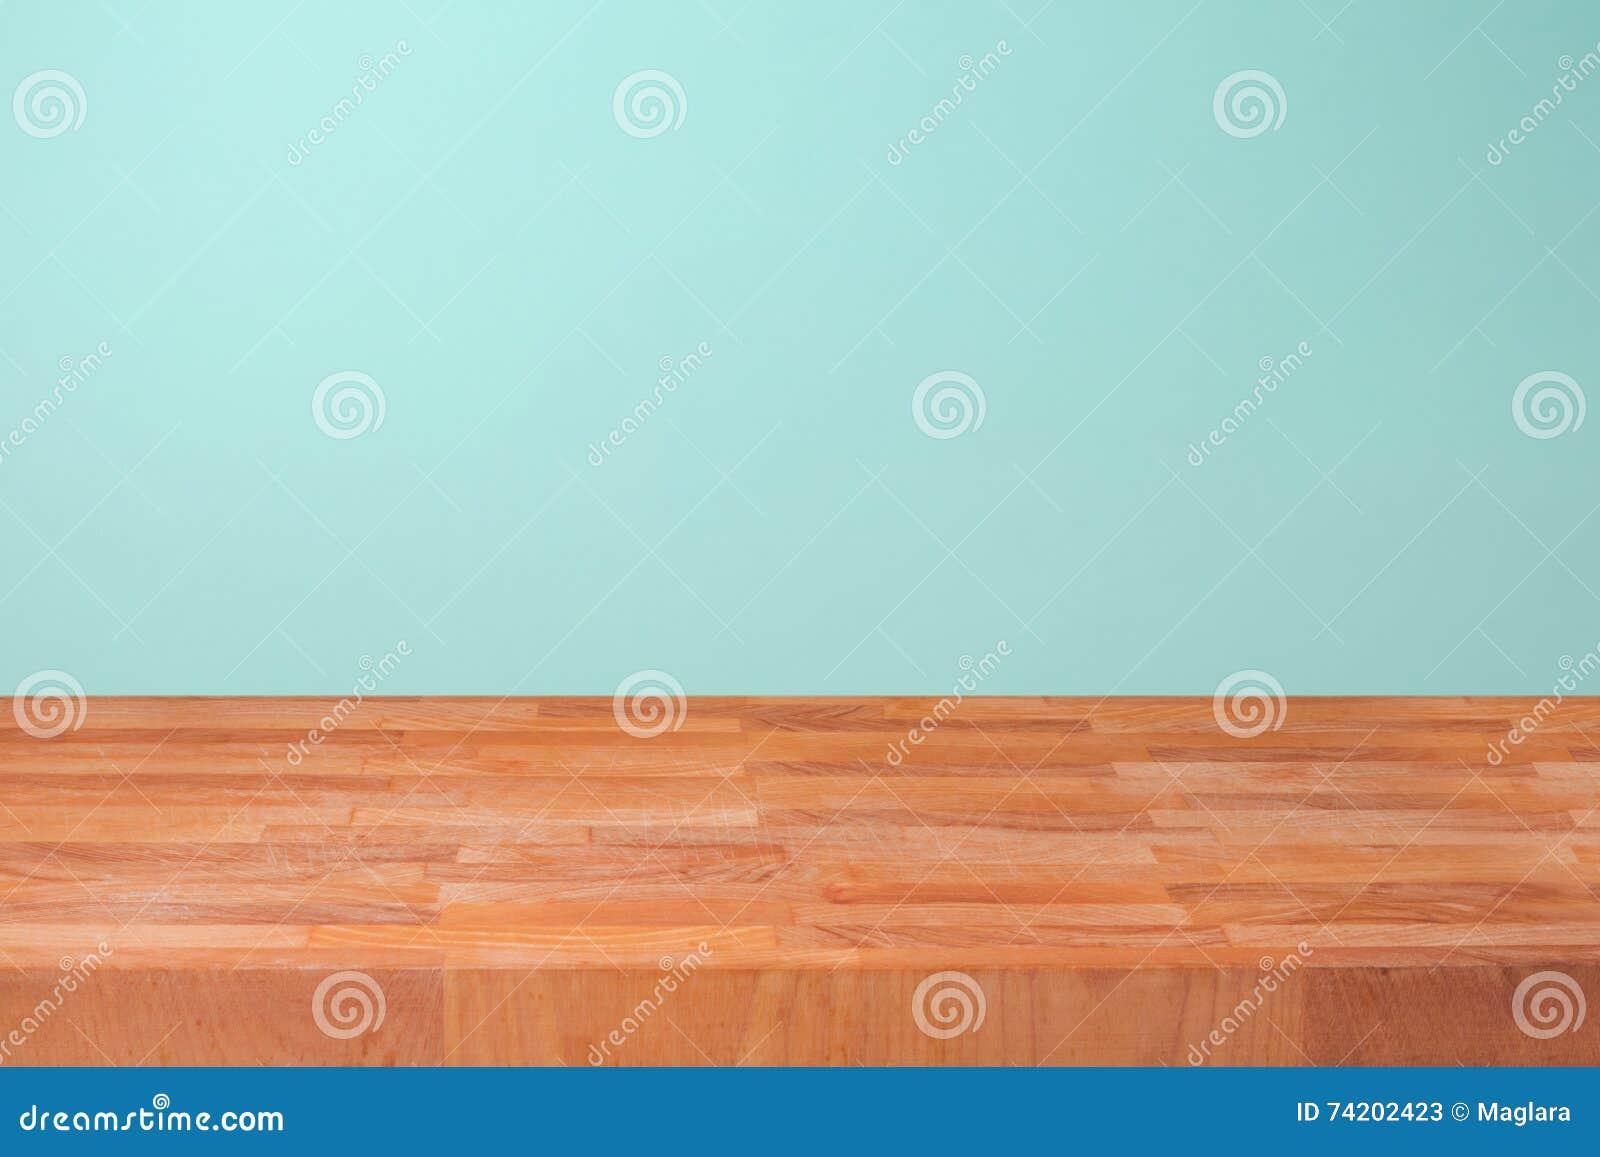 Leeren Sie Hölzerne Küchenarbeitsplatte über Tadellosem ...